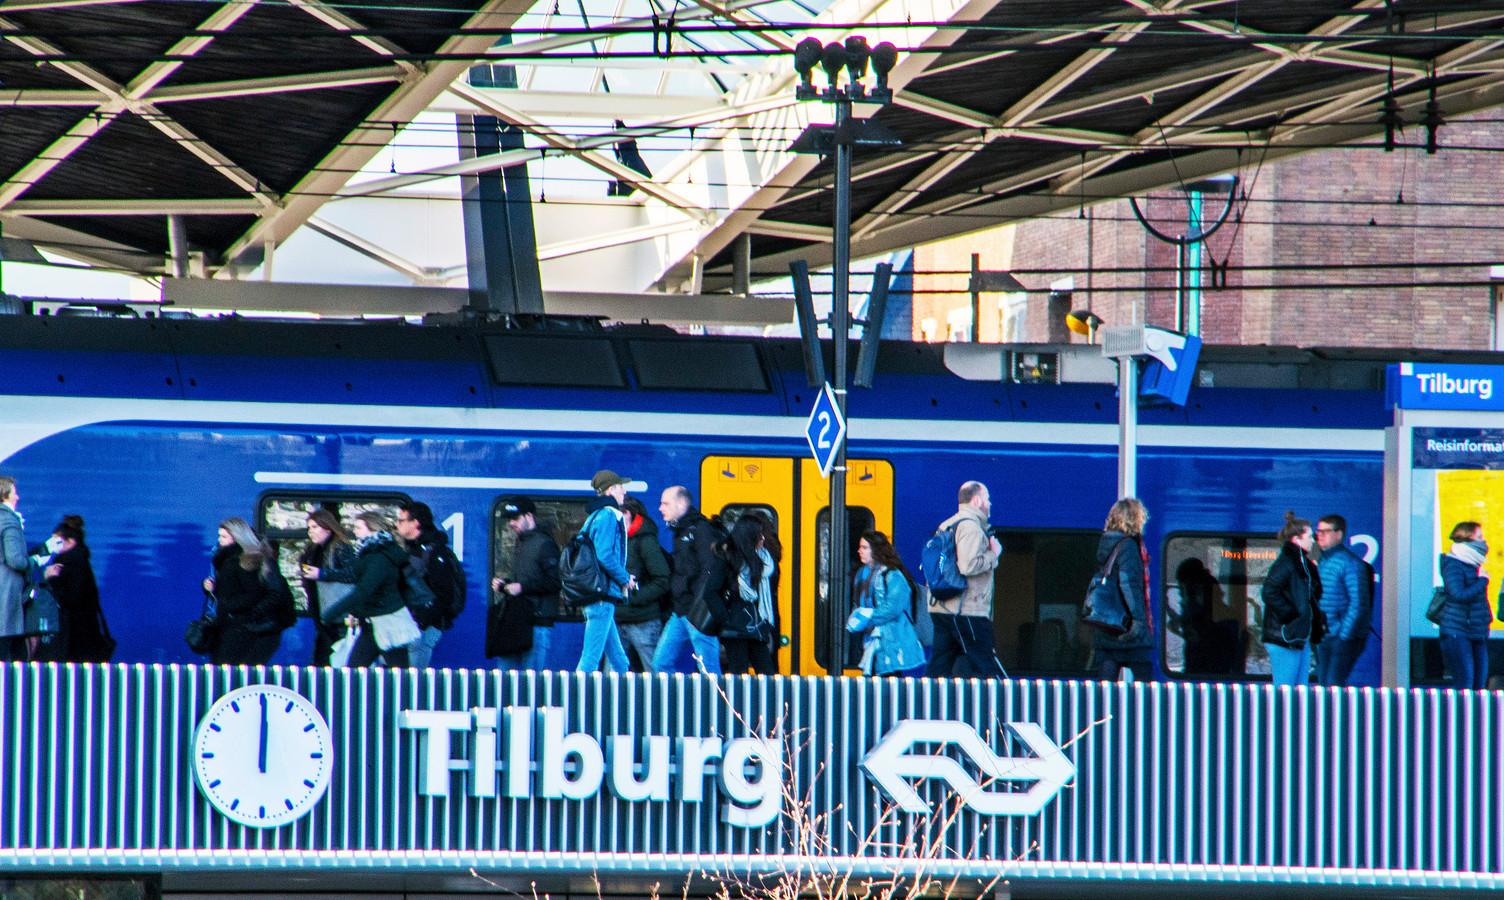 Drukte op station Tilburg.